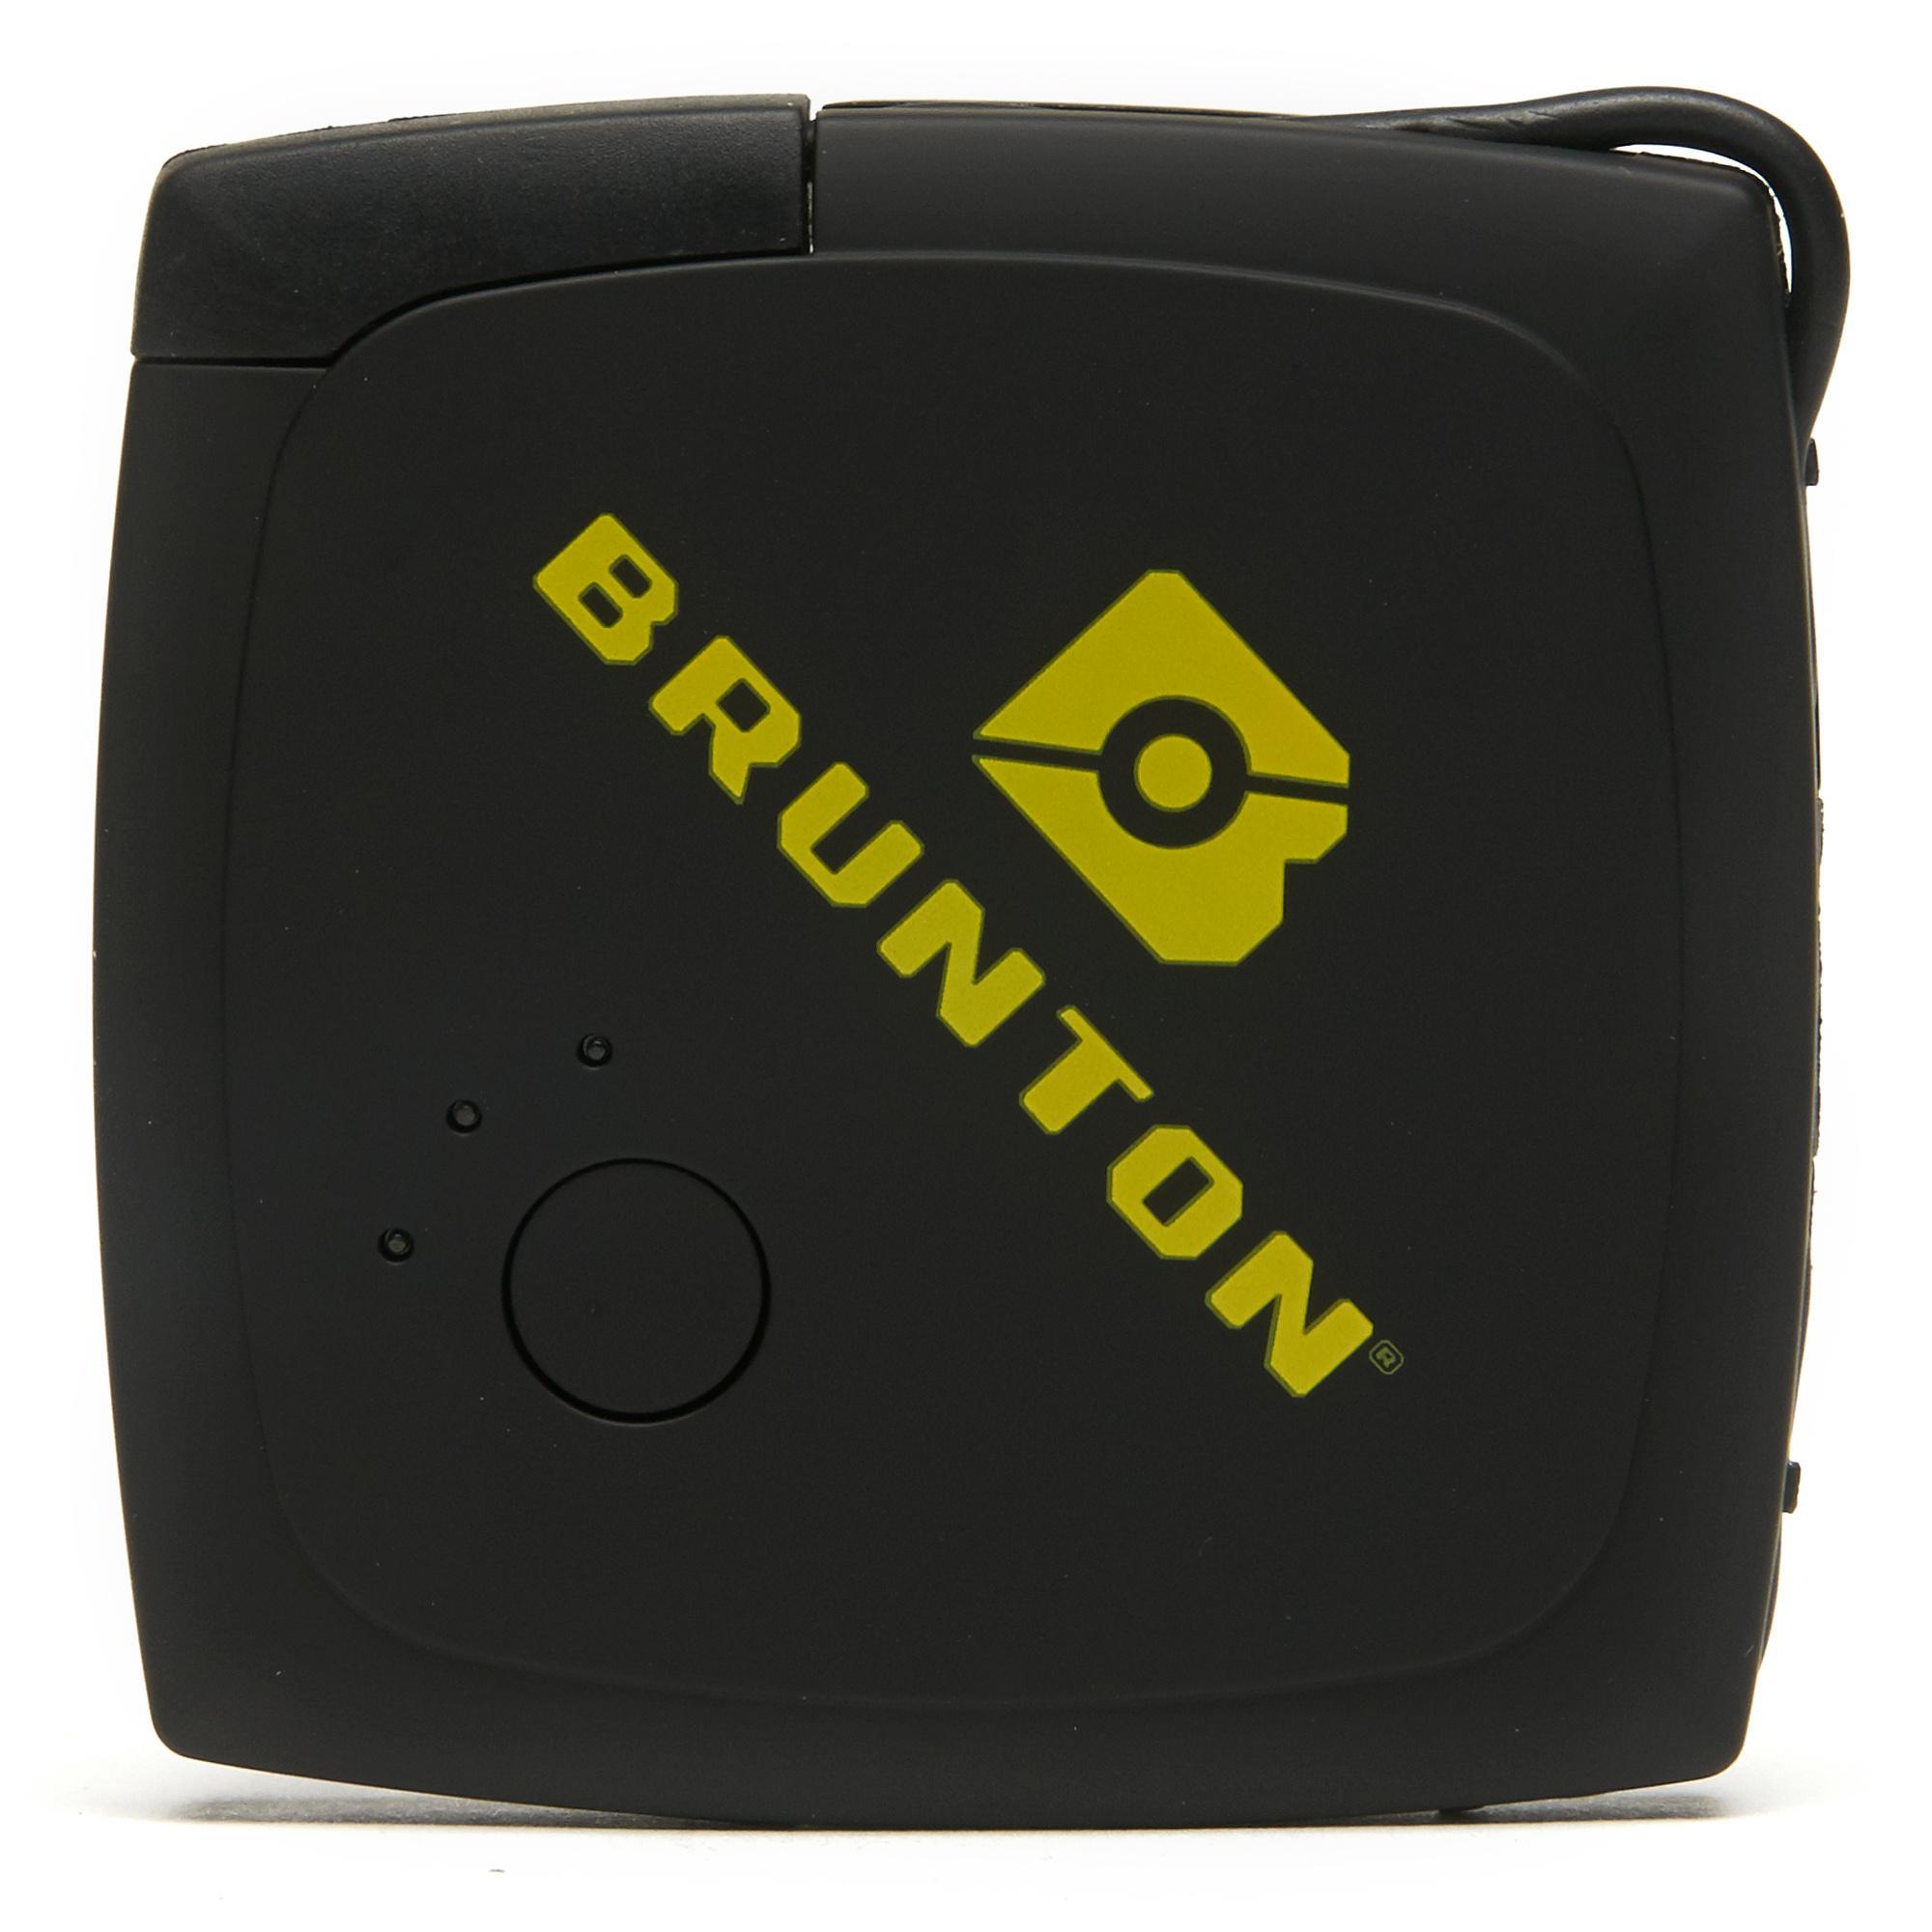 Brunton Pulse 1500 Charger - Black, Black